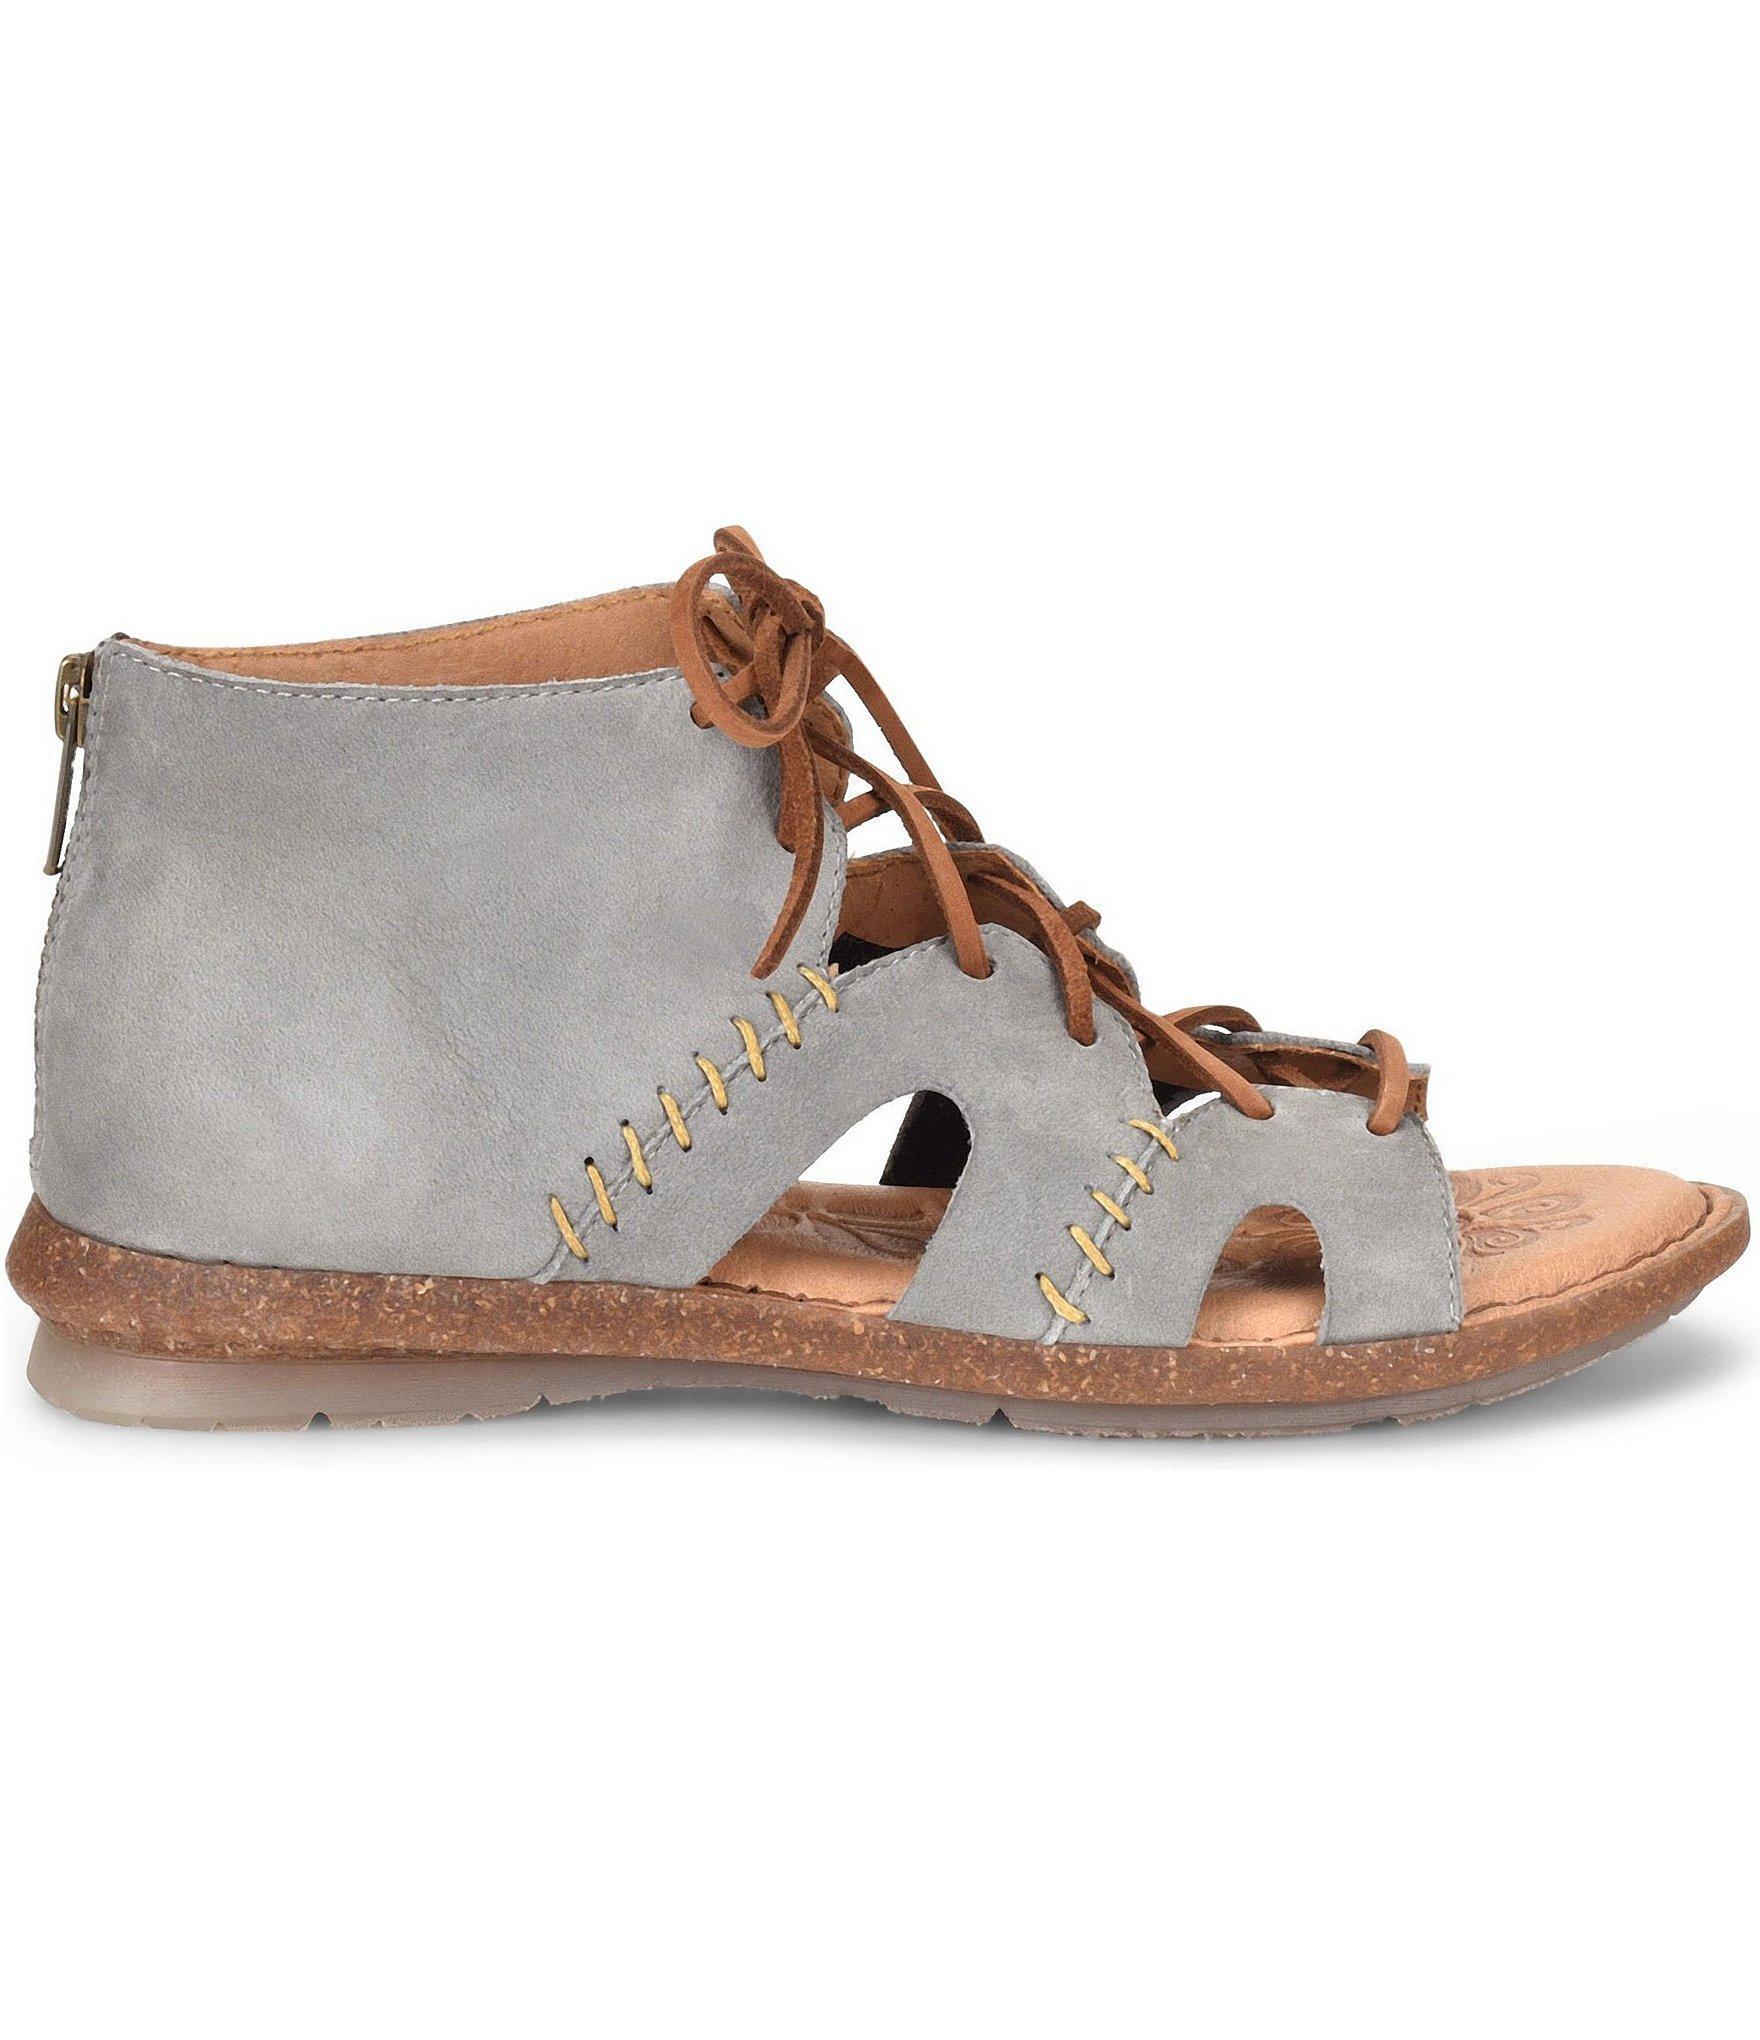 5ffb40ed2b4e Lyst - Born Nea Gladiator Sandals in Gray